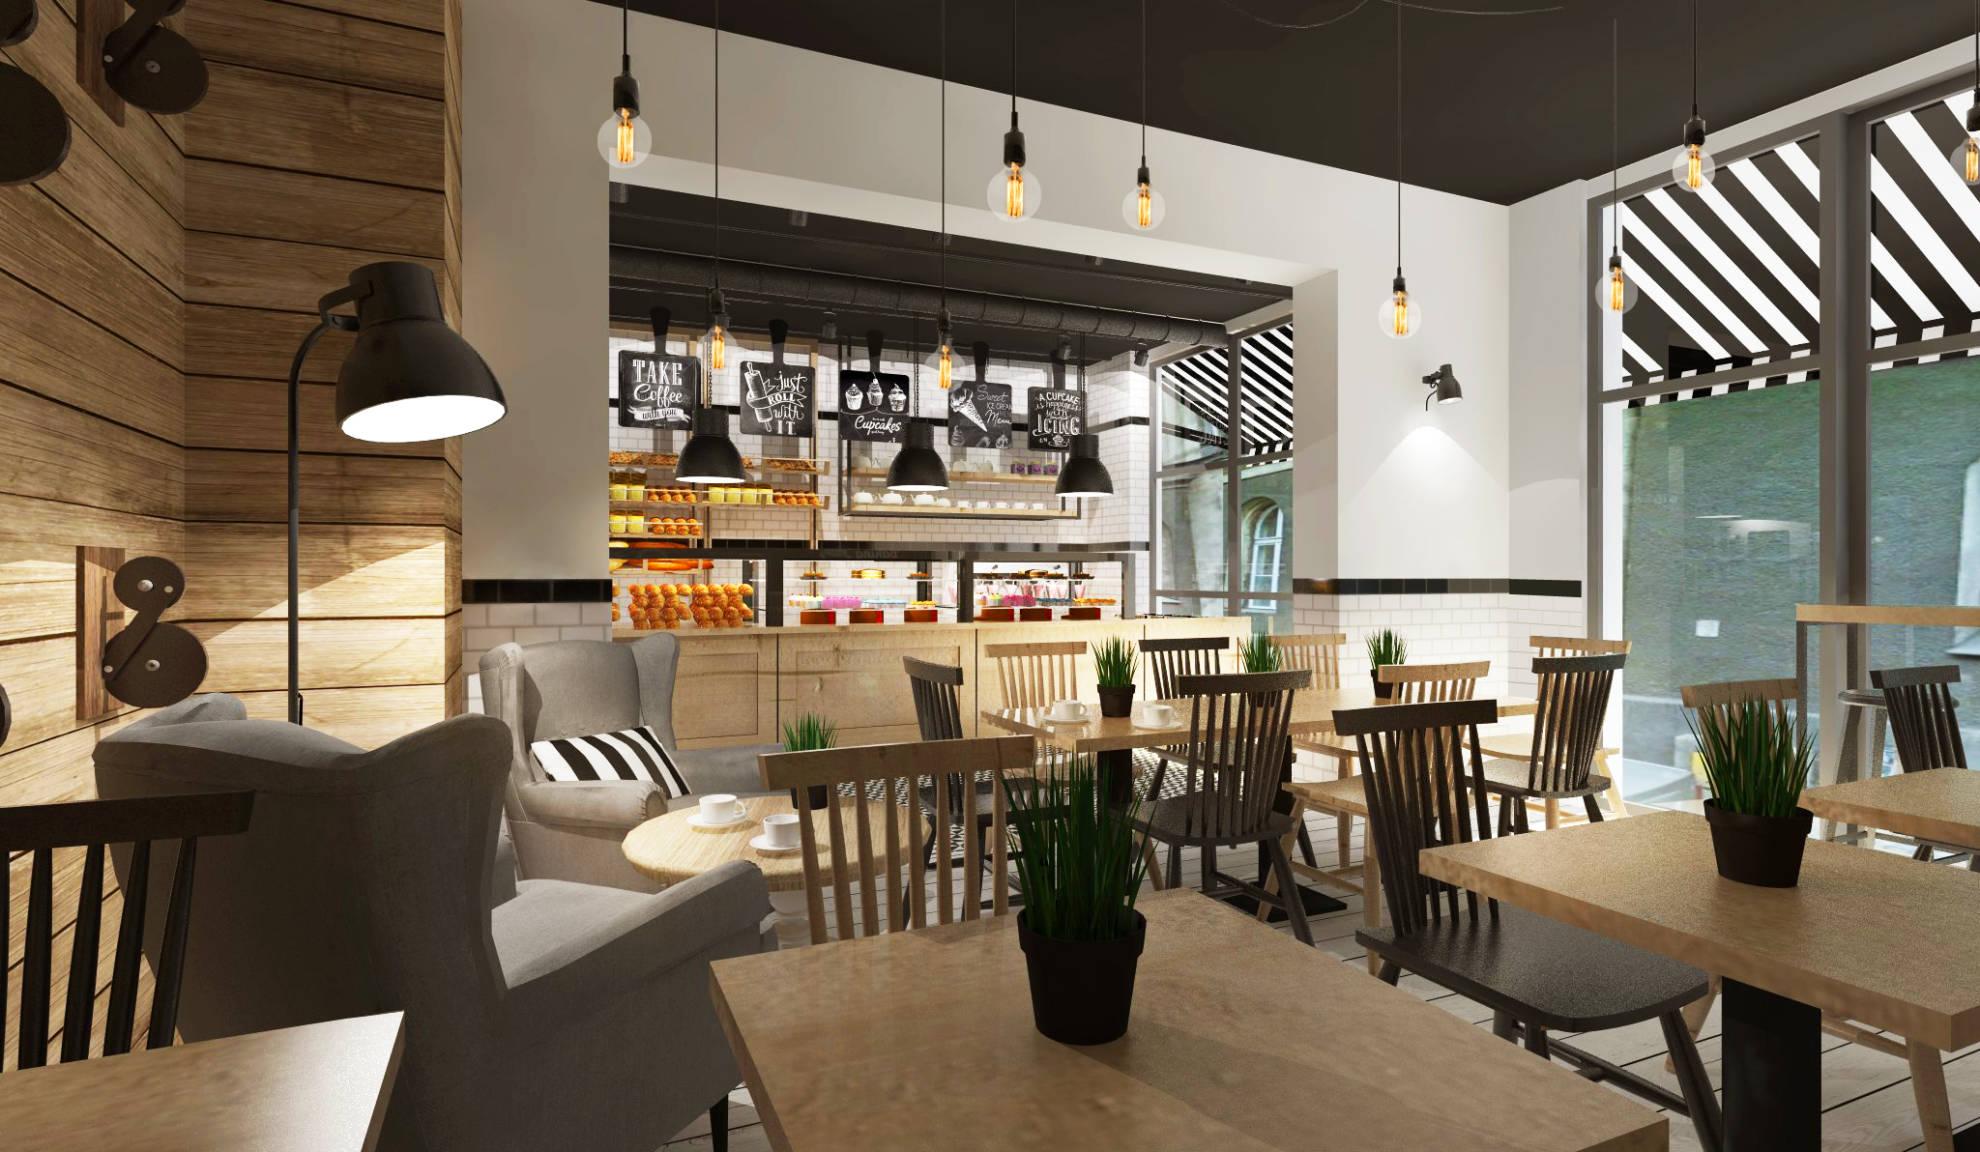 Projekt aranżacji kawiarni - architekt wnętrz Emilia Stzempek Plasun